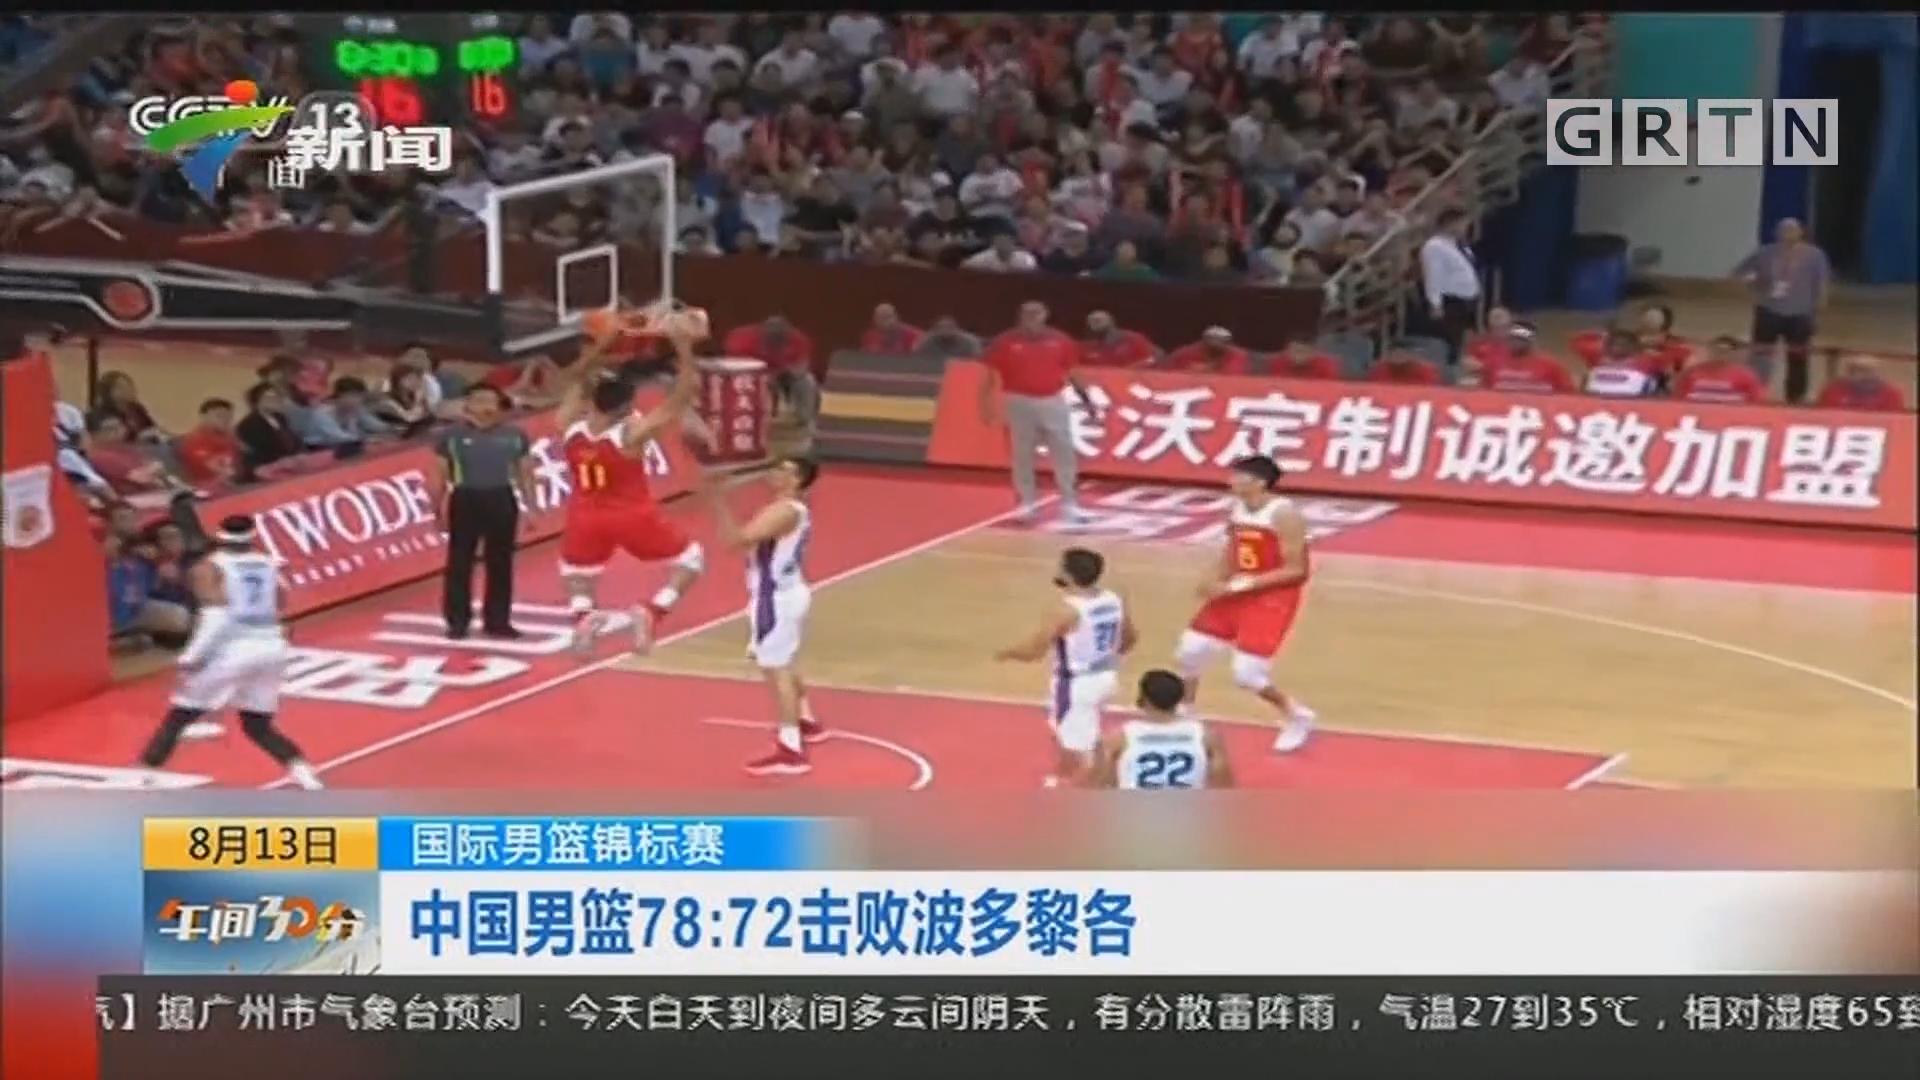 国际男篮锦标赛:中国男篮78:72击败波多黎各